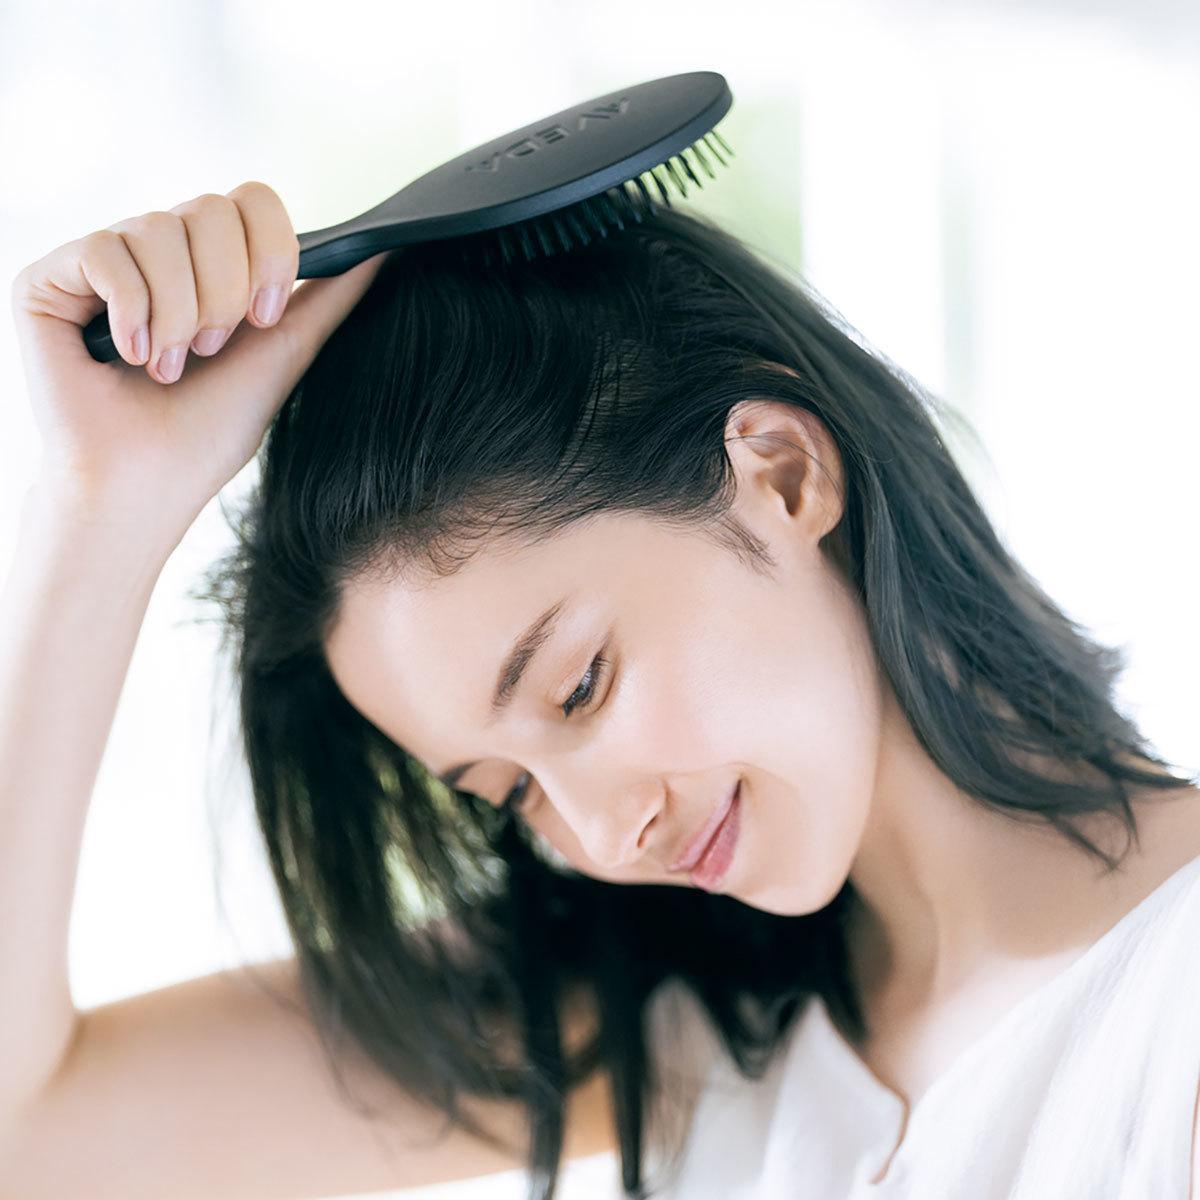 大人のアイライナーから髪に悩むアラフォーのための洗髪法【ビューティー人気記事ランキングトップ6】_1_5